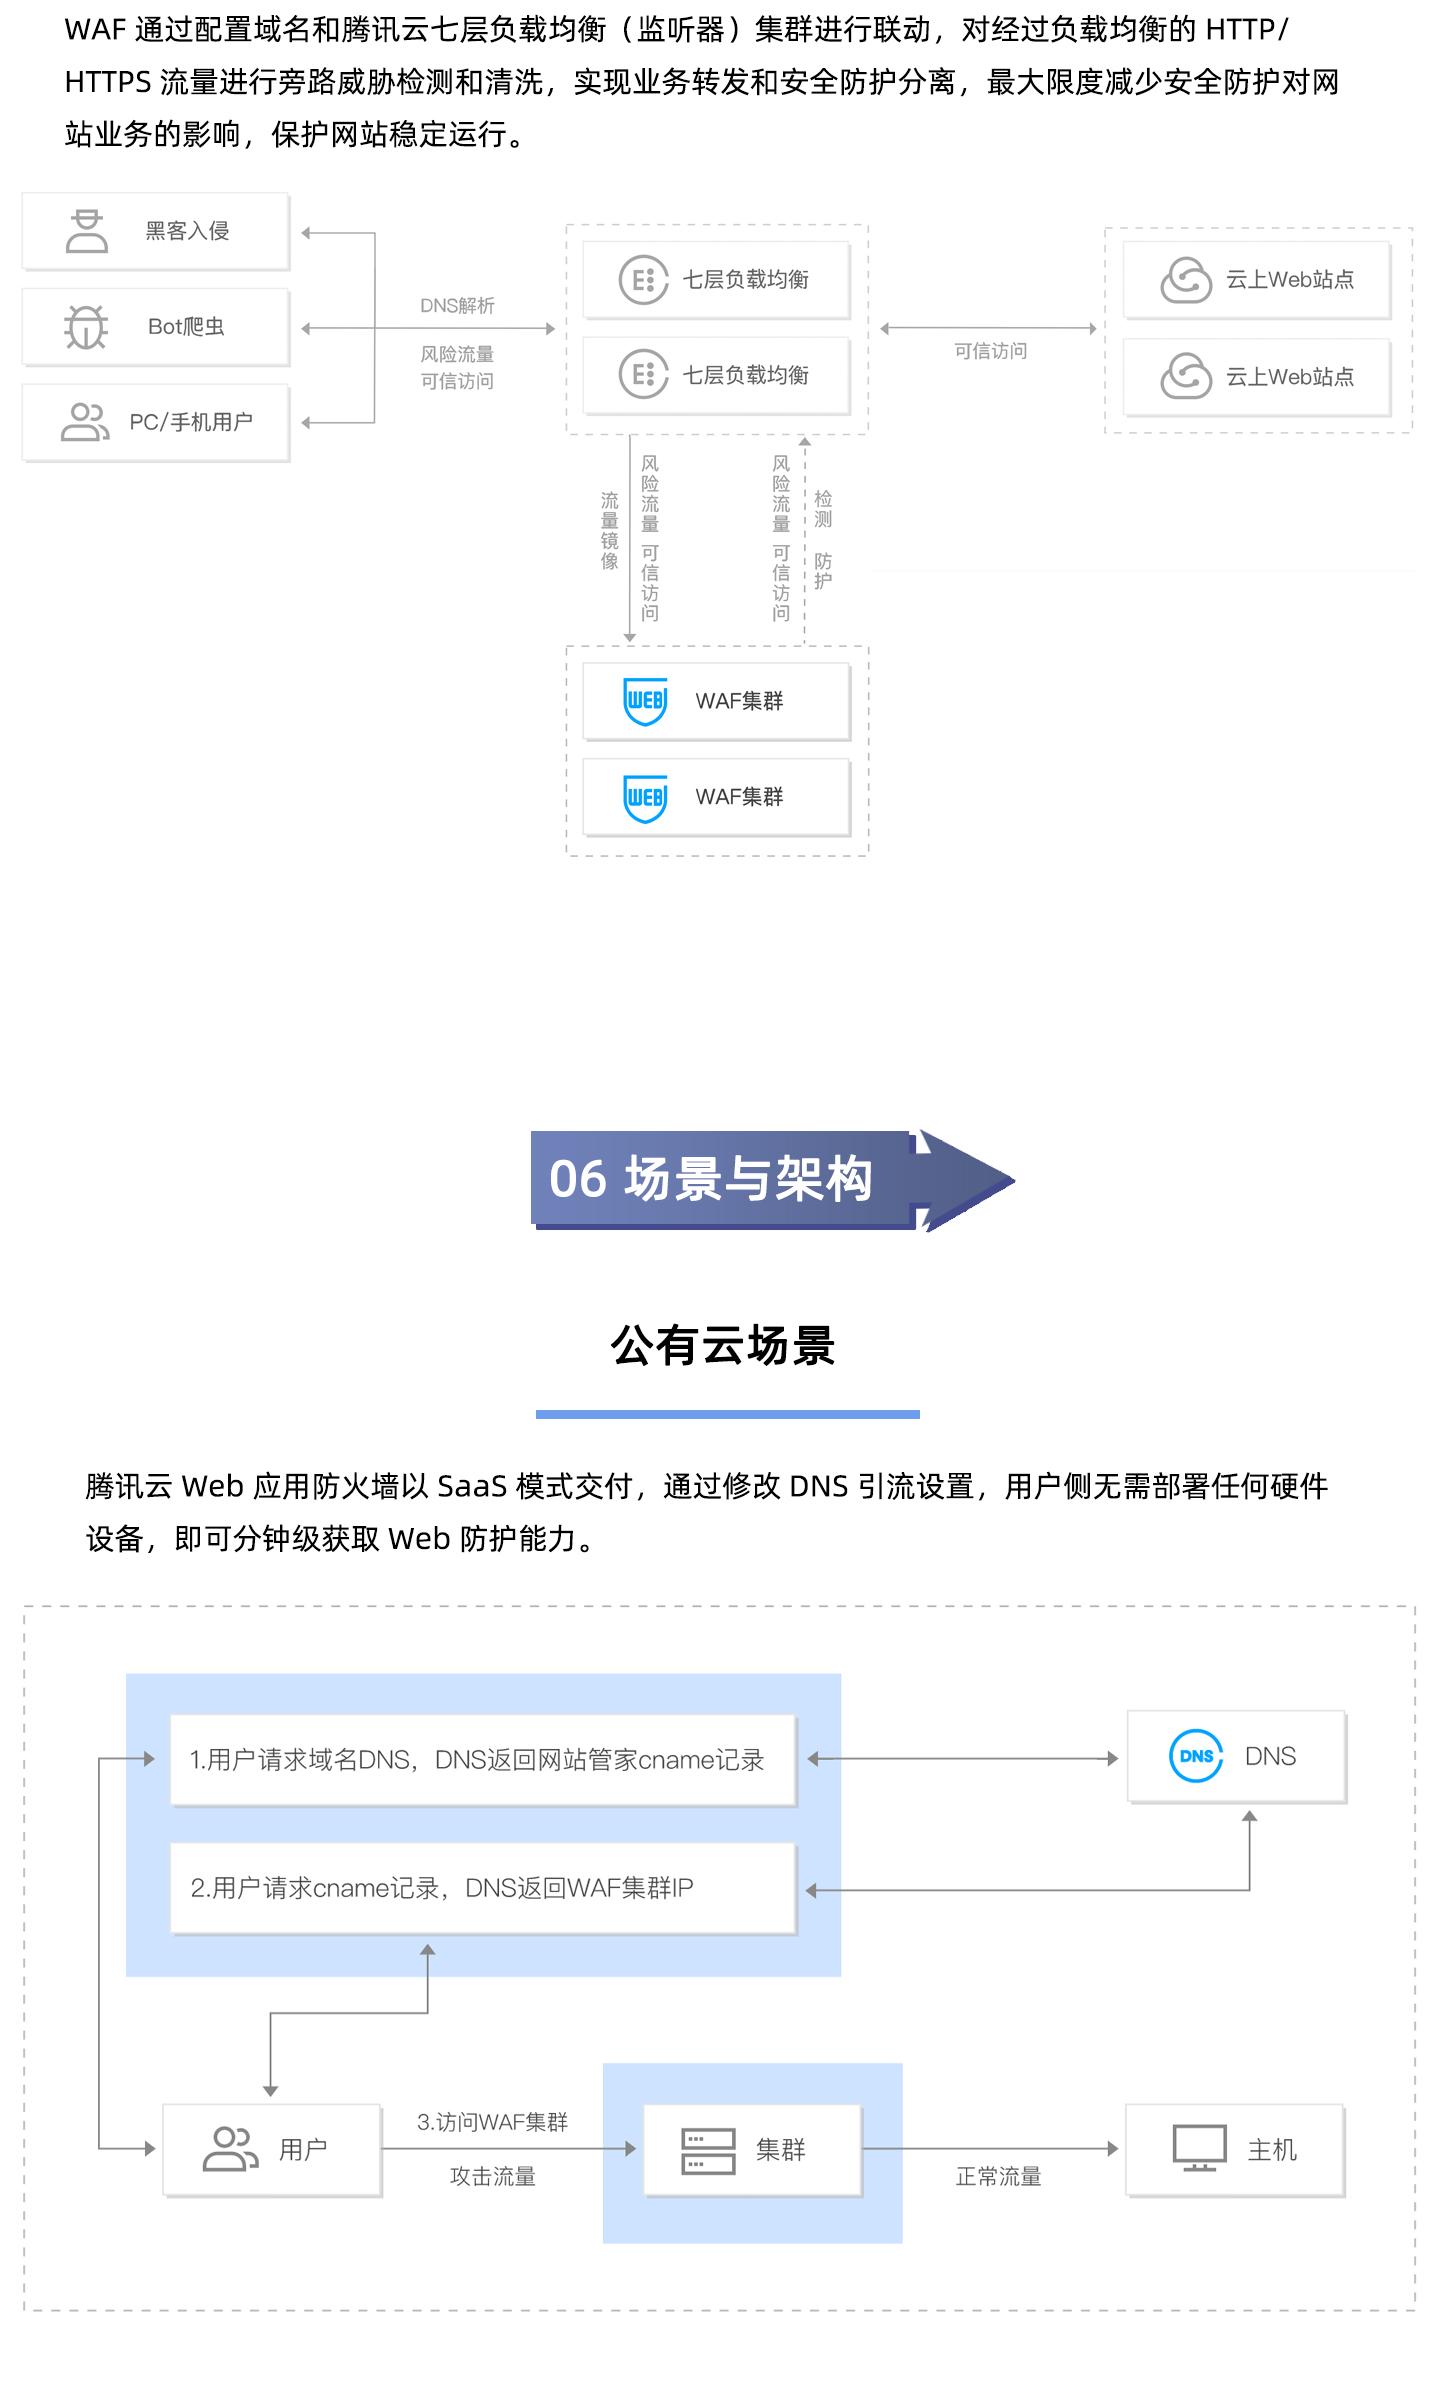 T-Sec-Web-应用防火墙1440_06.jpg